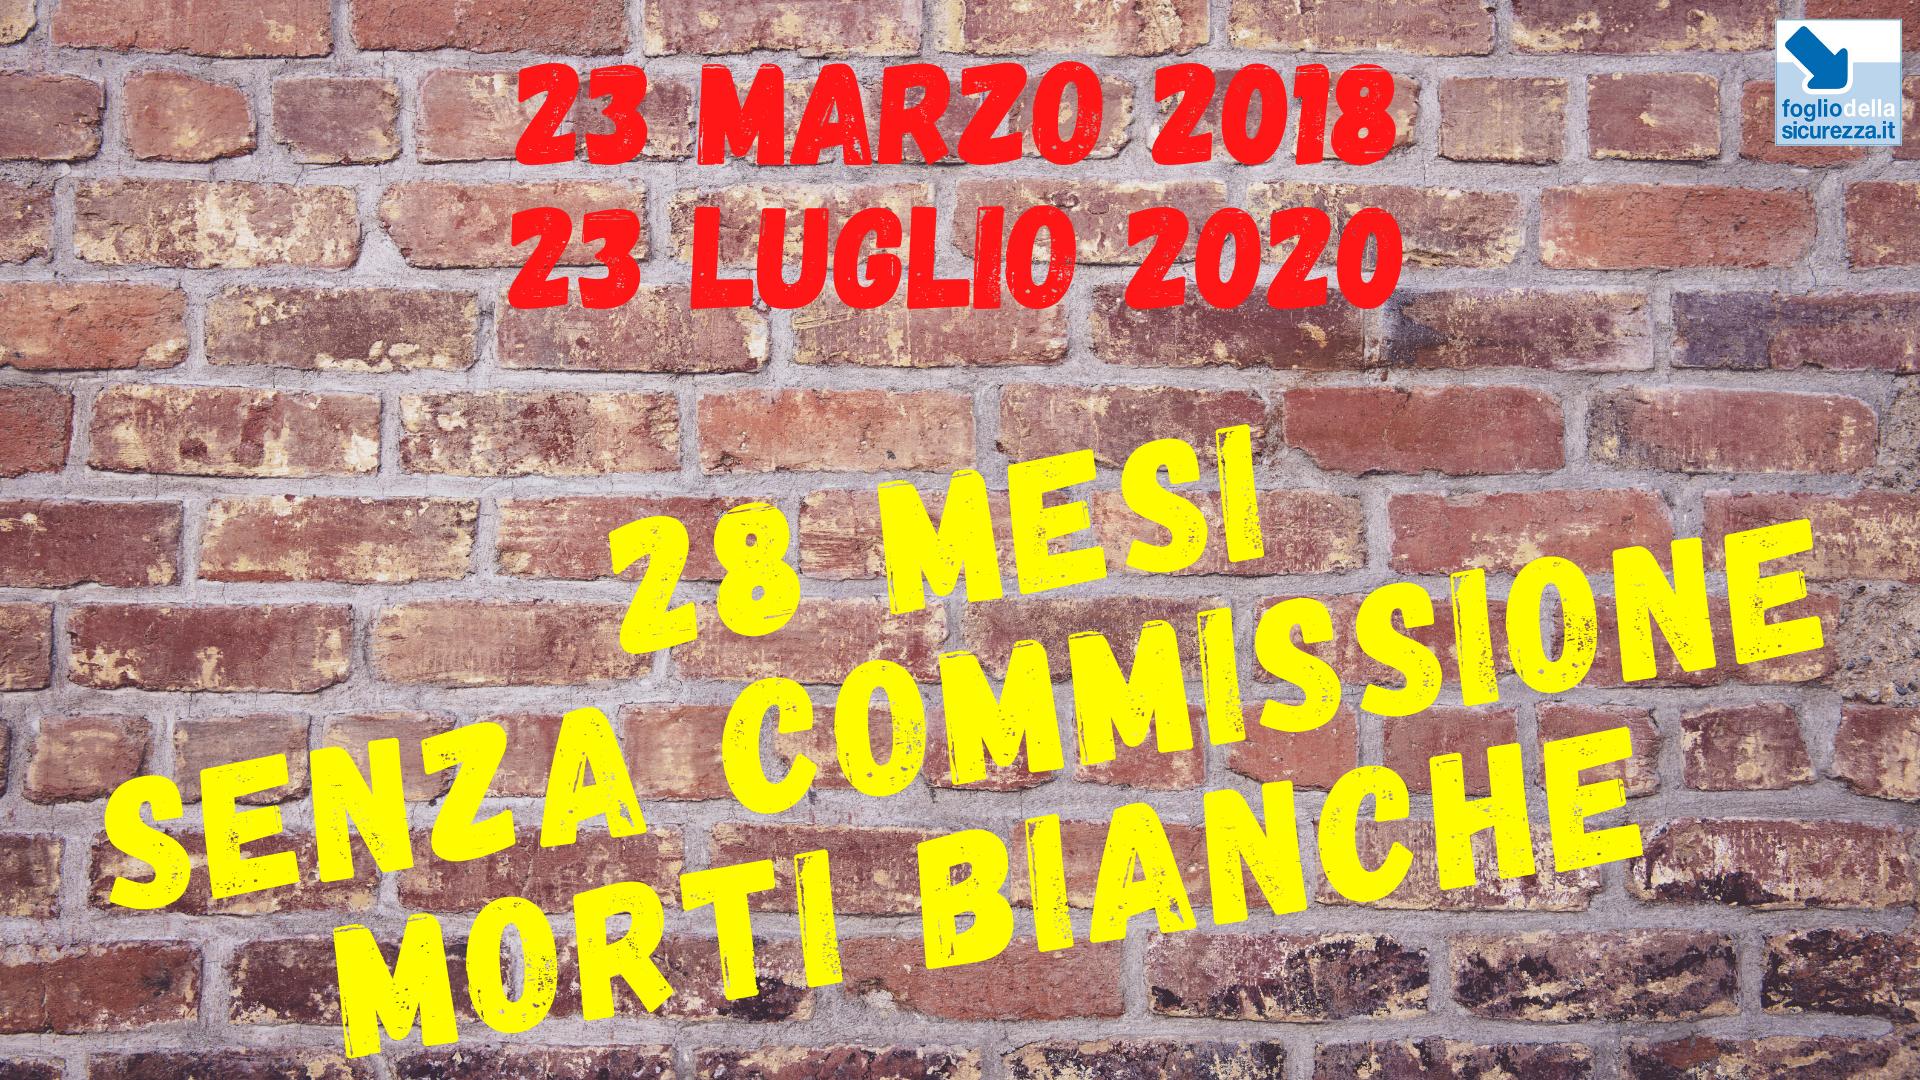 Commissione morti bianche 20200723